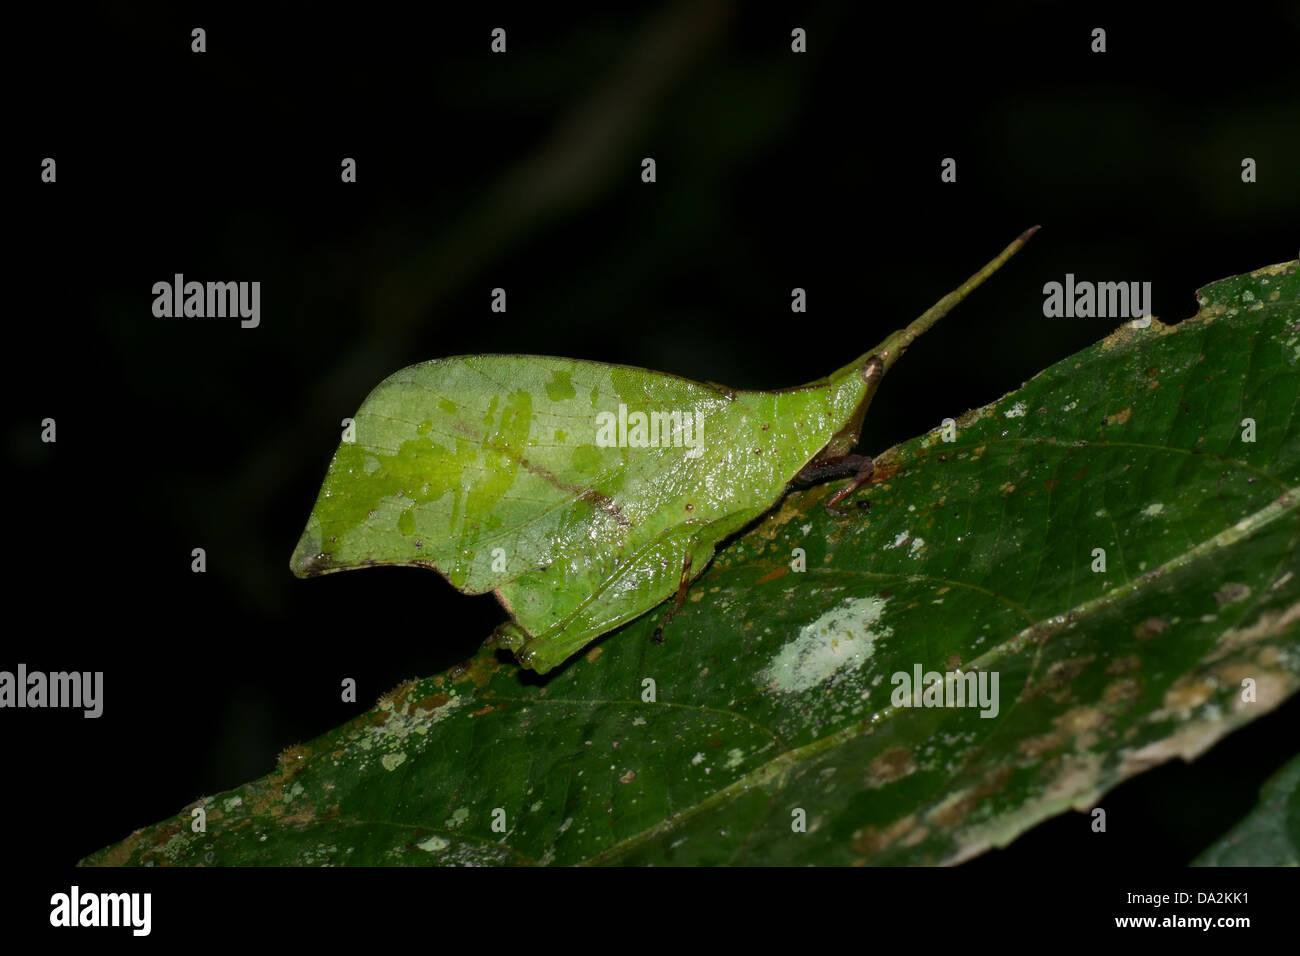 Systella Dusmeti. Mimischen Grashuepfer Blatt der Gattung ist Systella, eine kurze ? gehörnte Heuschrecke (Caelifera) Stockbild